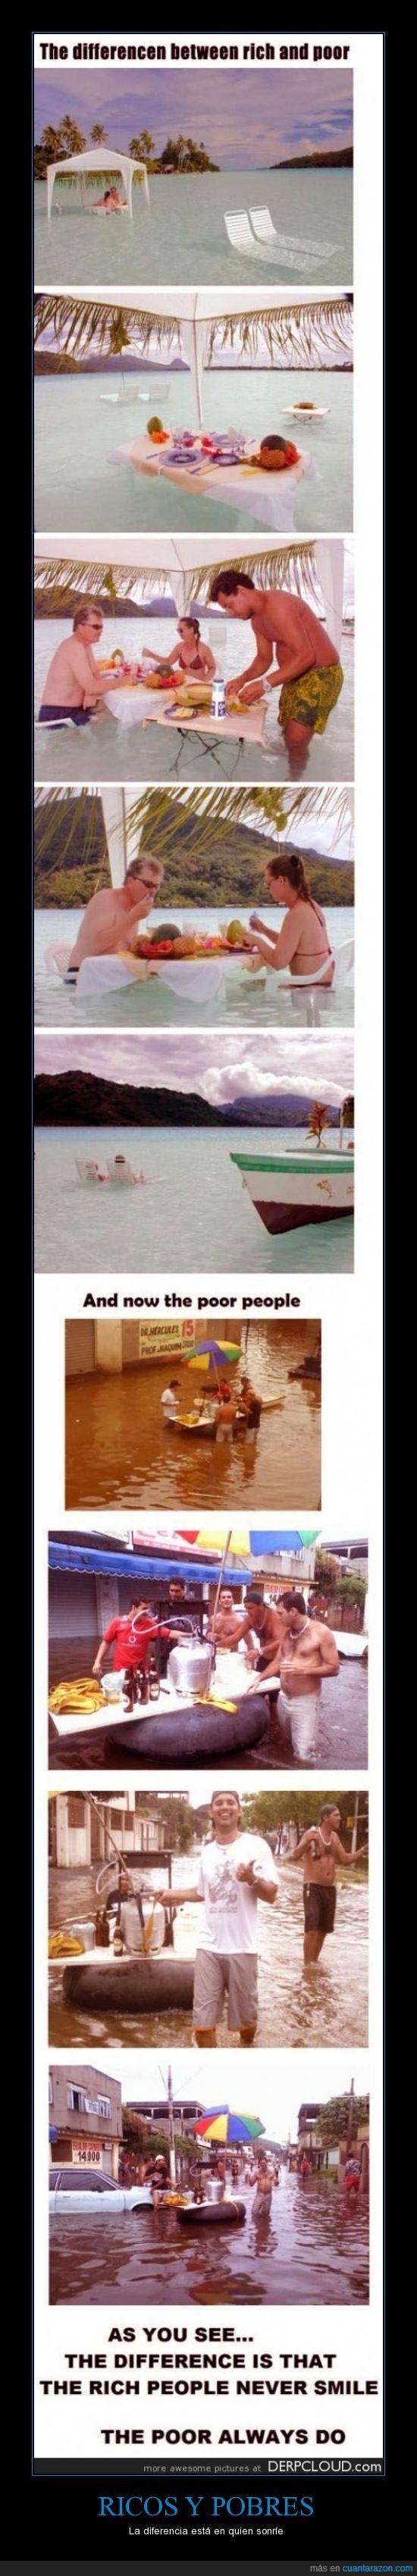 Gente,no,pobres,ricos,sonreír,sonrisa